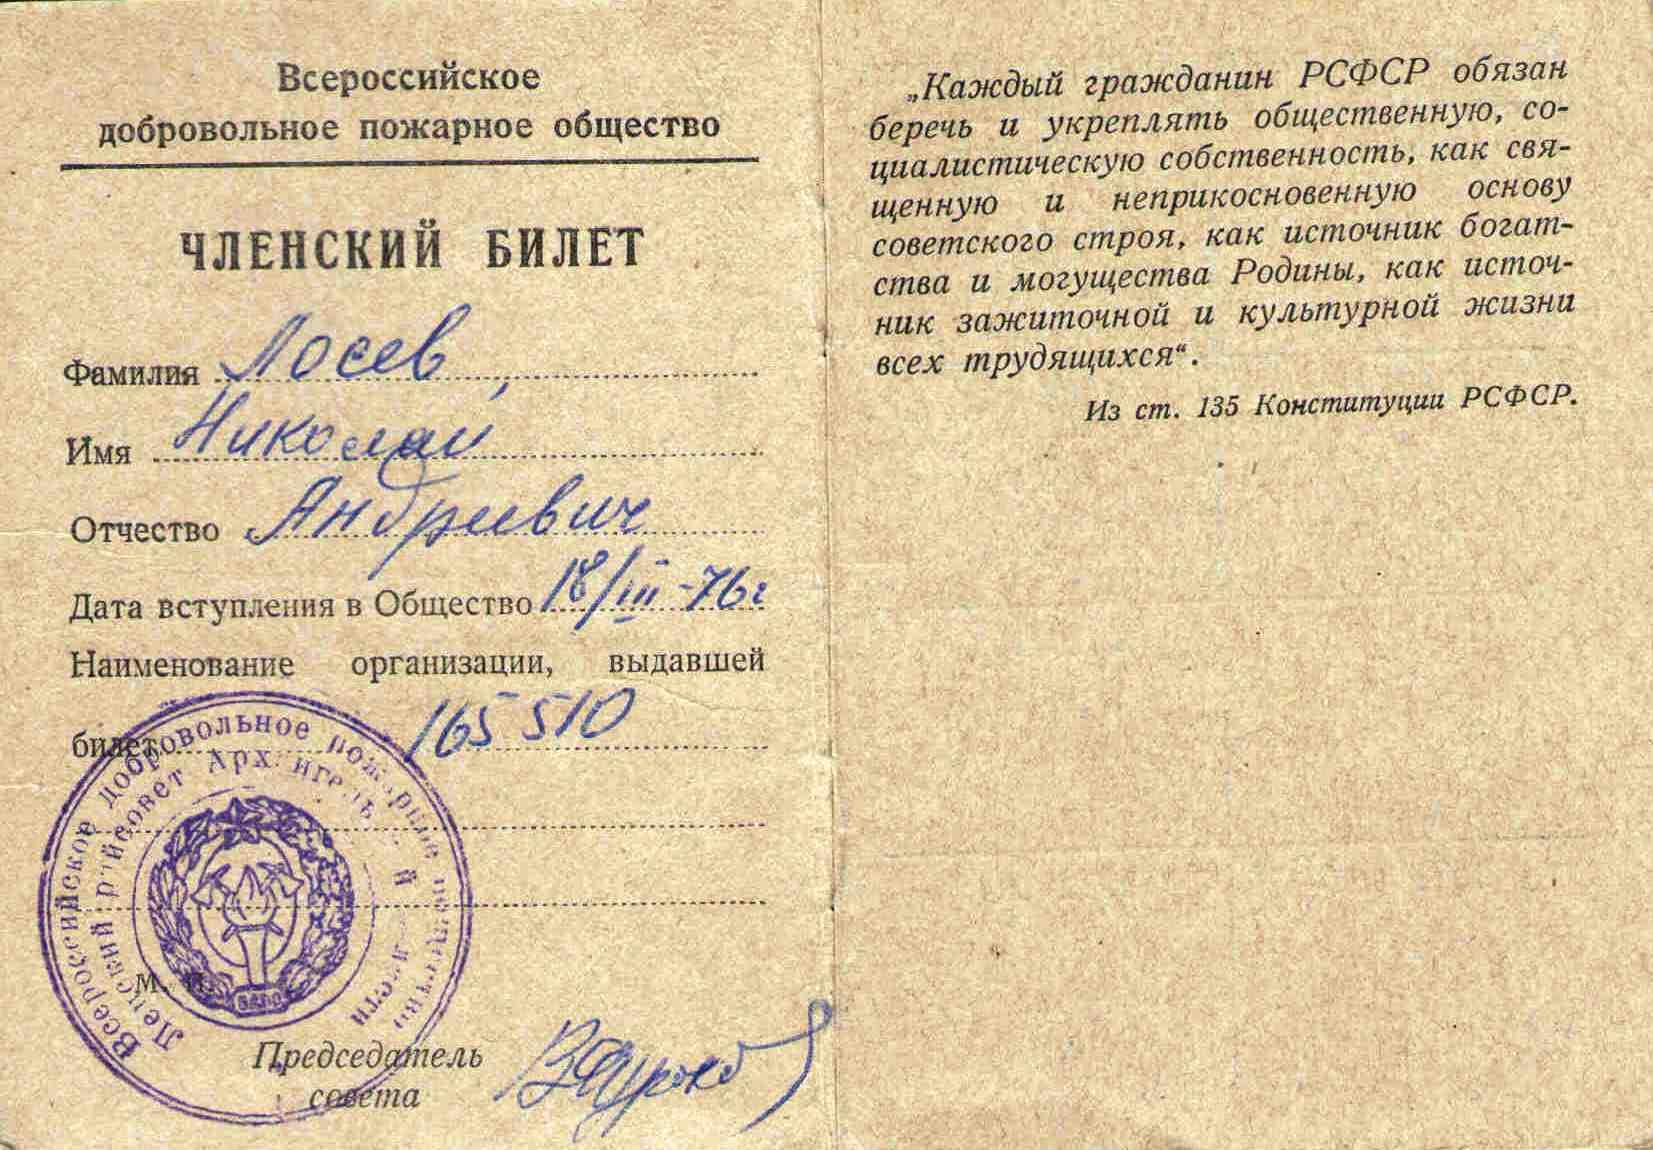 60. Членский билет Всероссийского добровольного пожарного общества, 1976